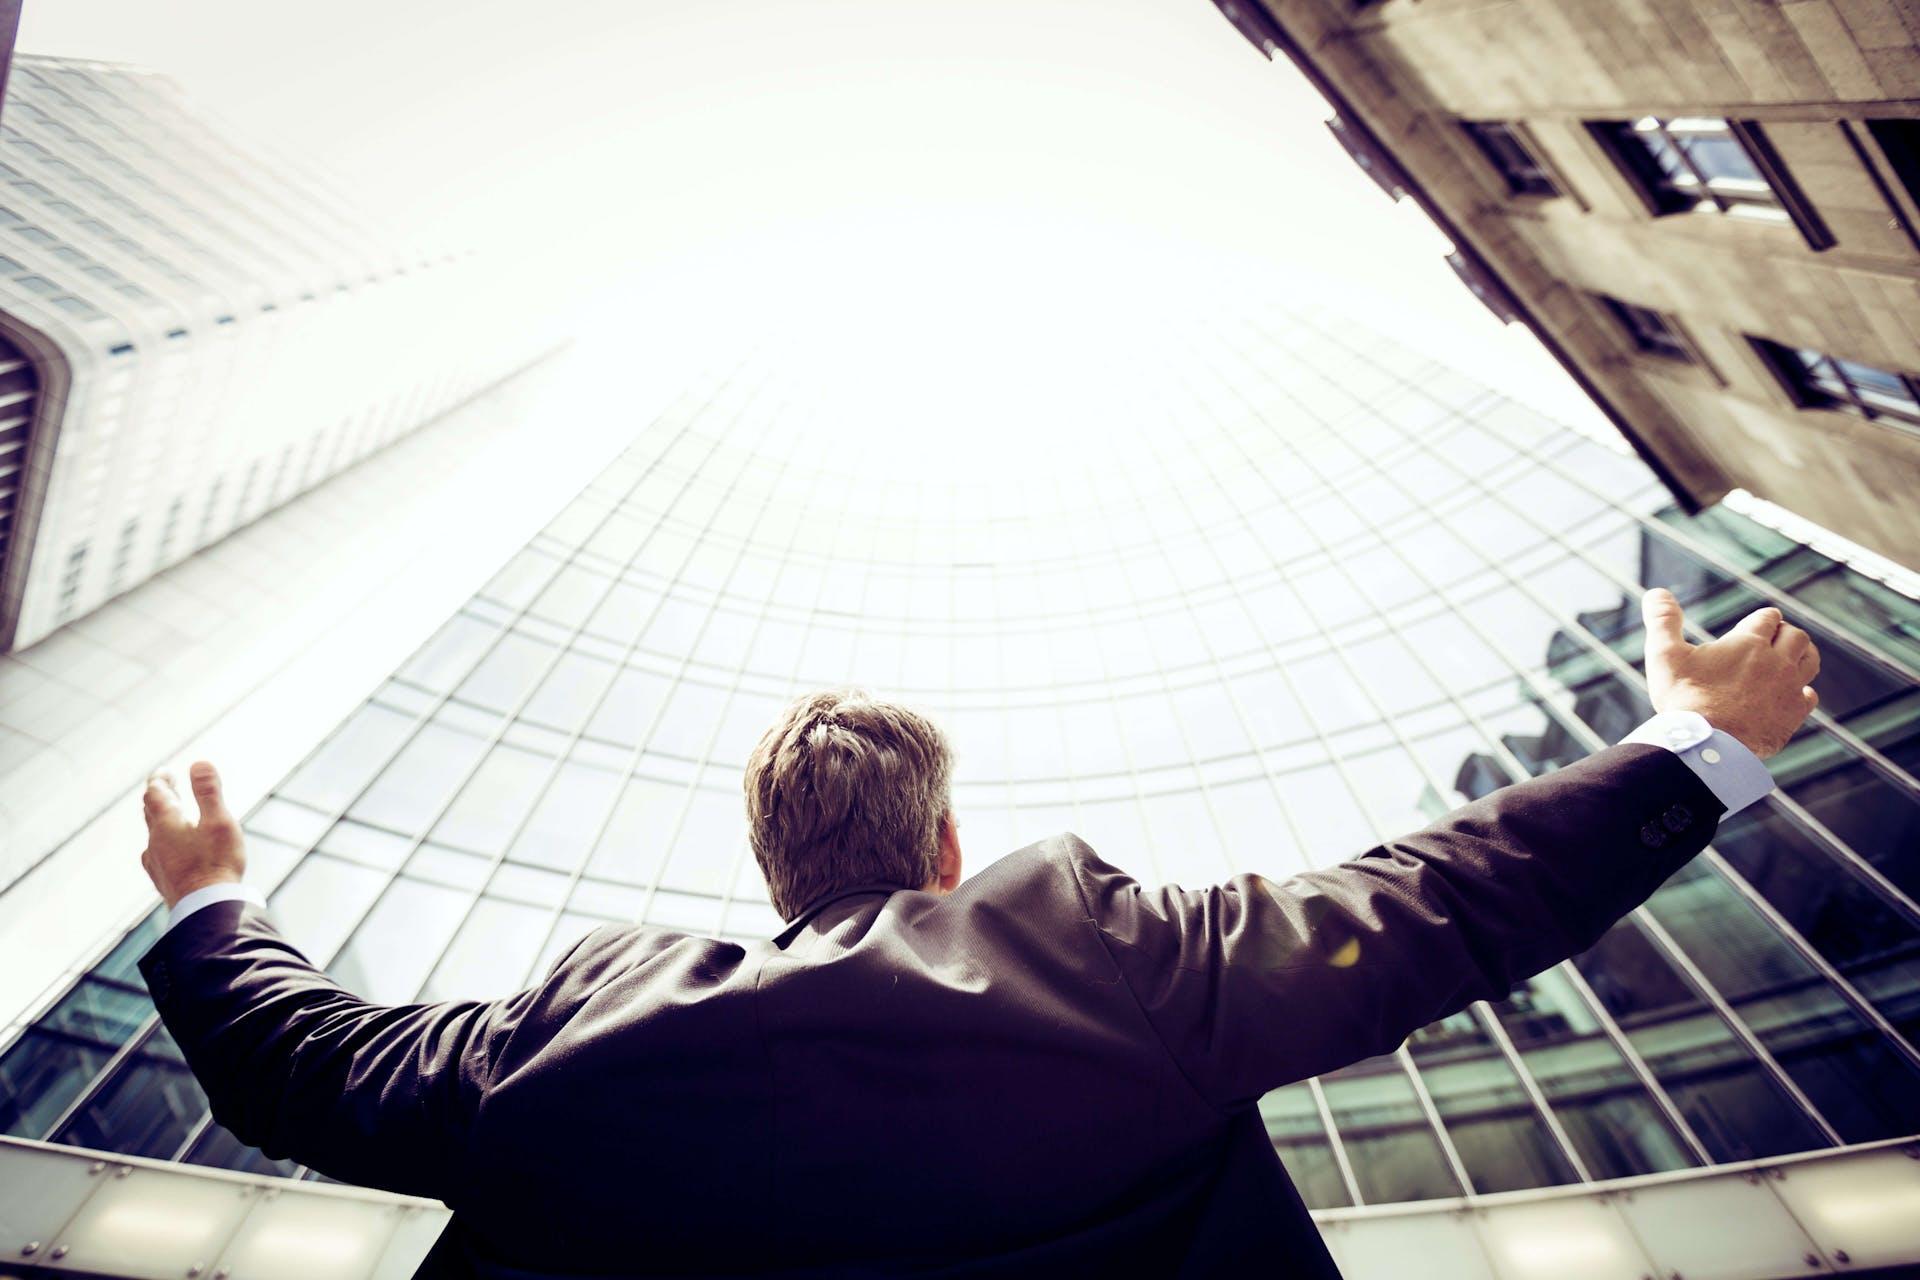 ¿Qué es una oportunidad de negocio?: Aprende a identificarlas y encuentra la tuya